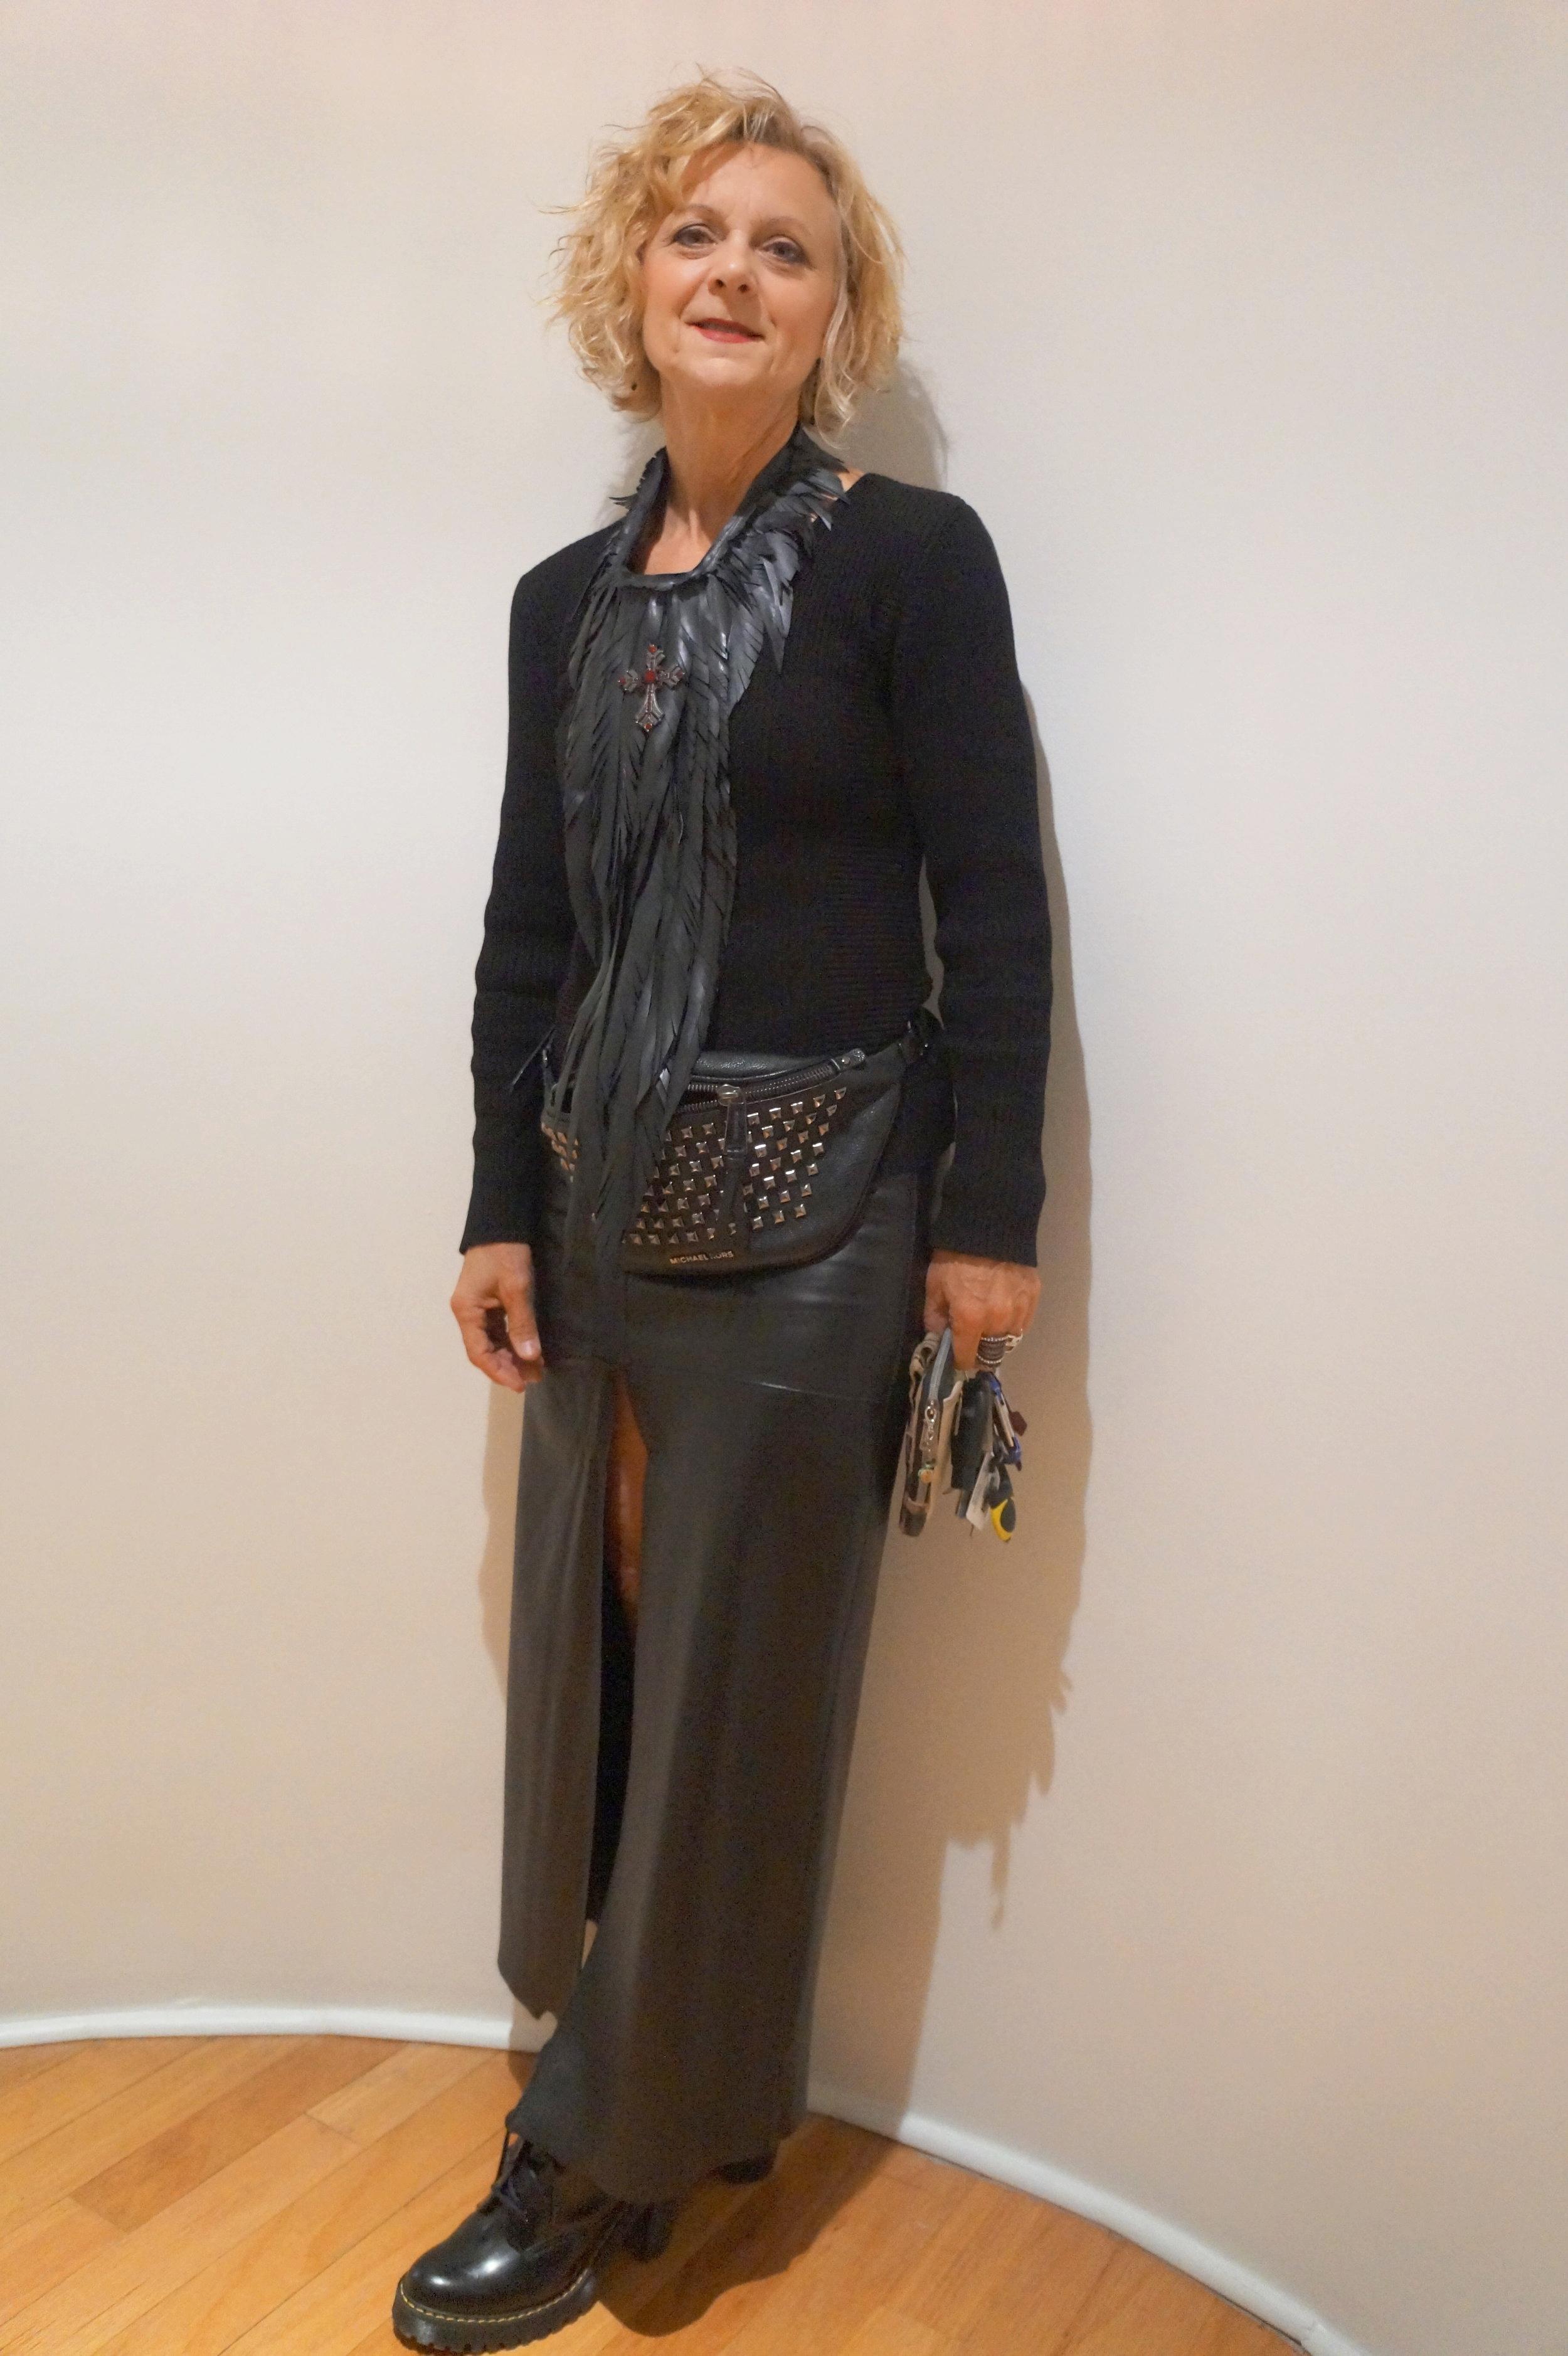 Mary Ambrose Emerging Designer 2016 Winner